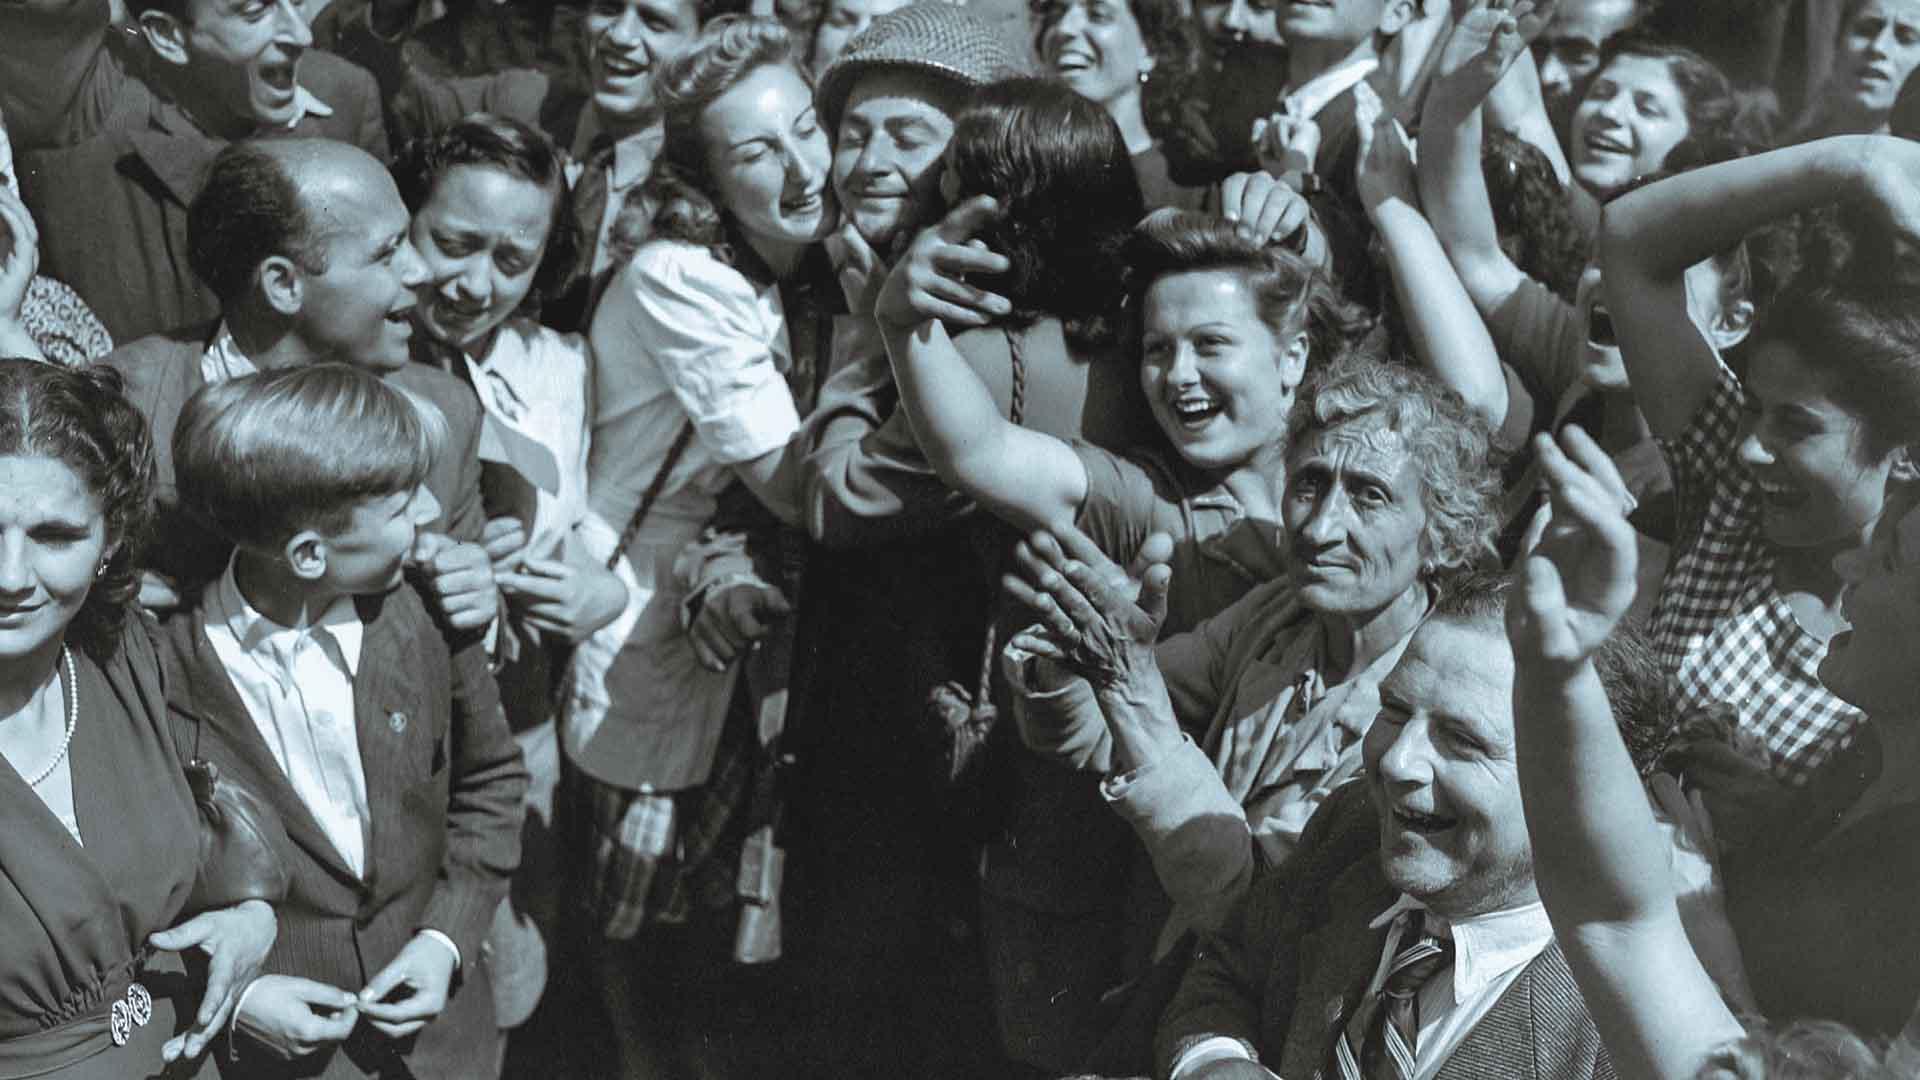 Bella Ciao è molto famosa in Spagna per il suo ruolo nella lotta antifranchista